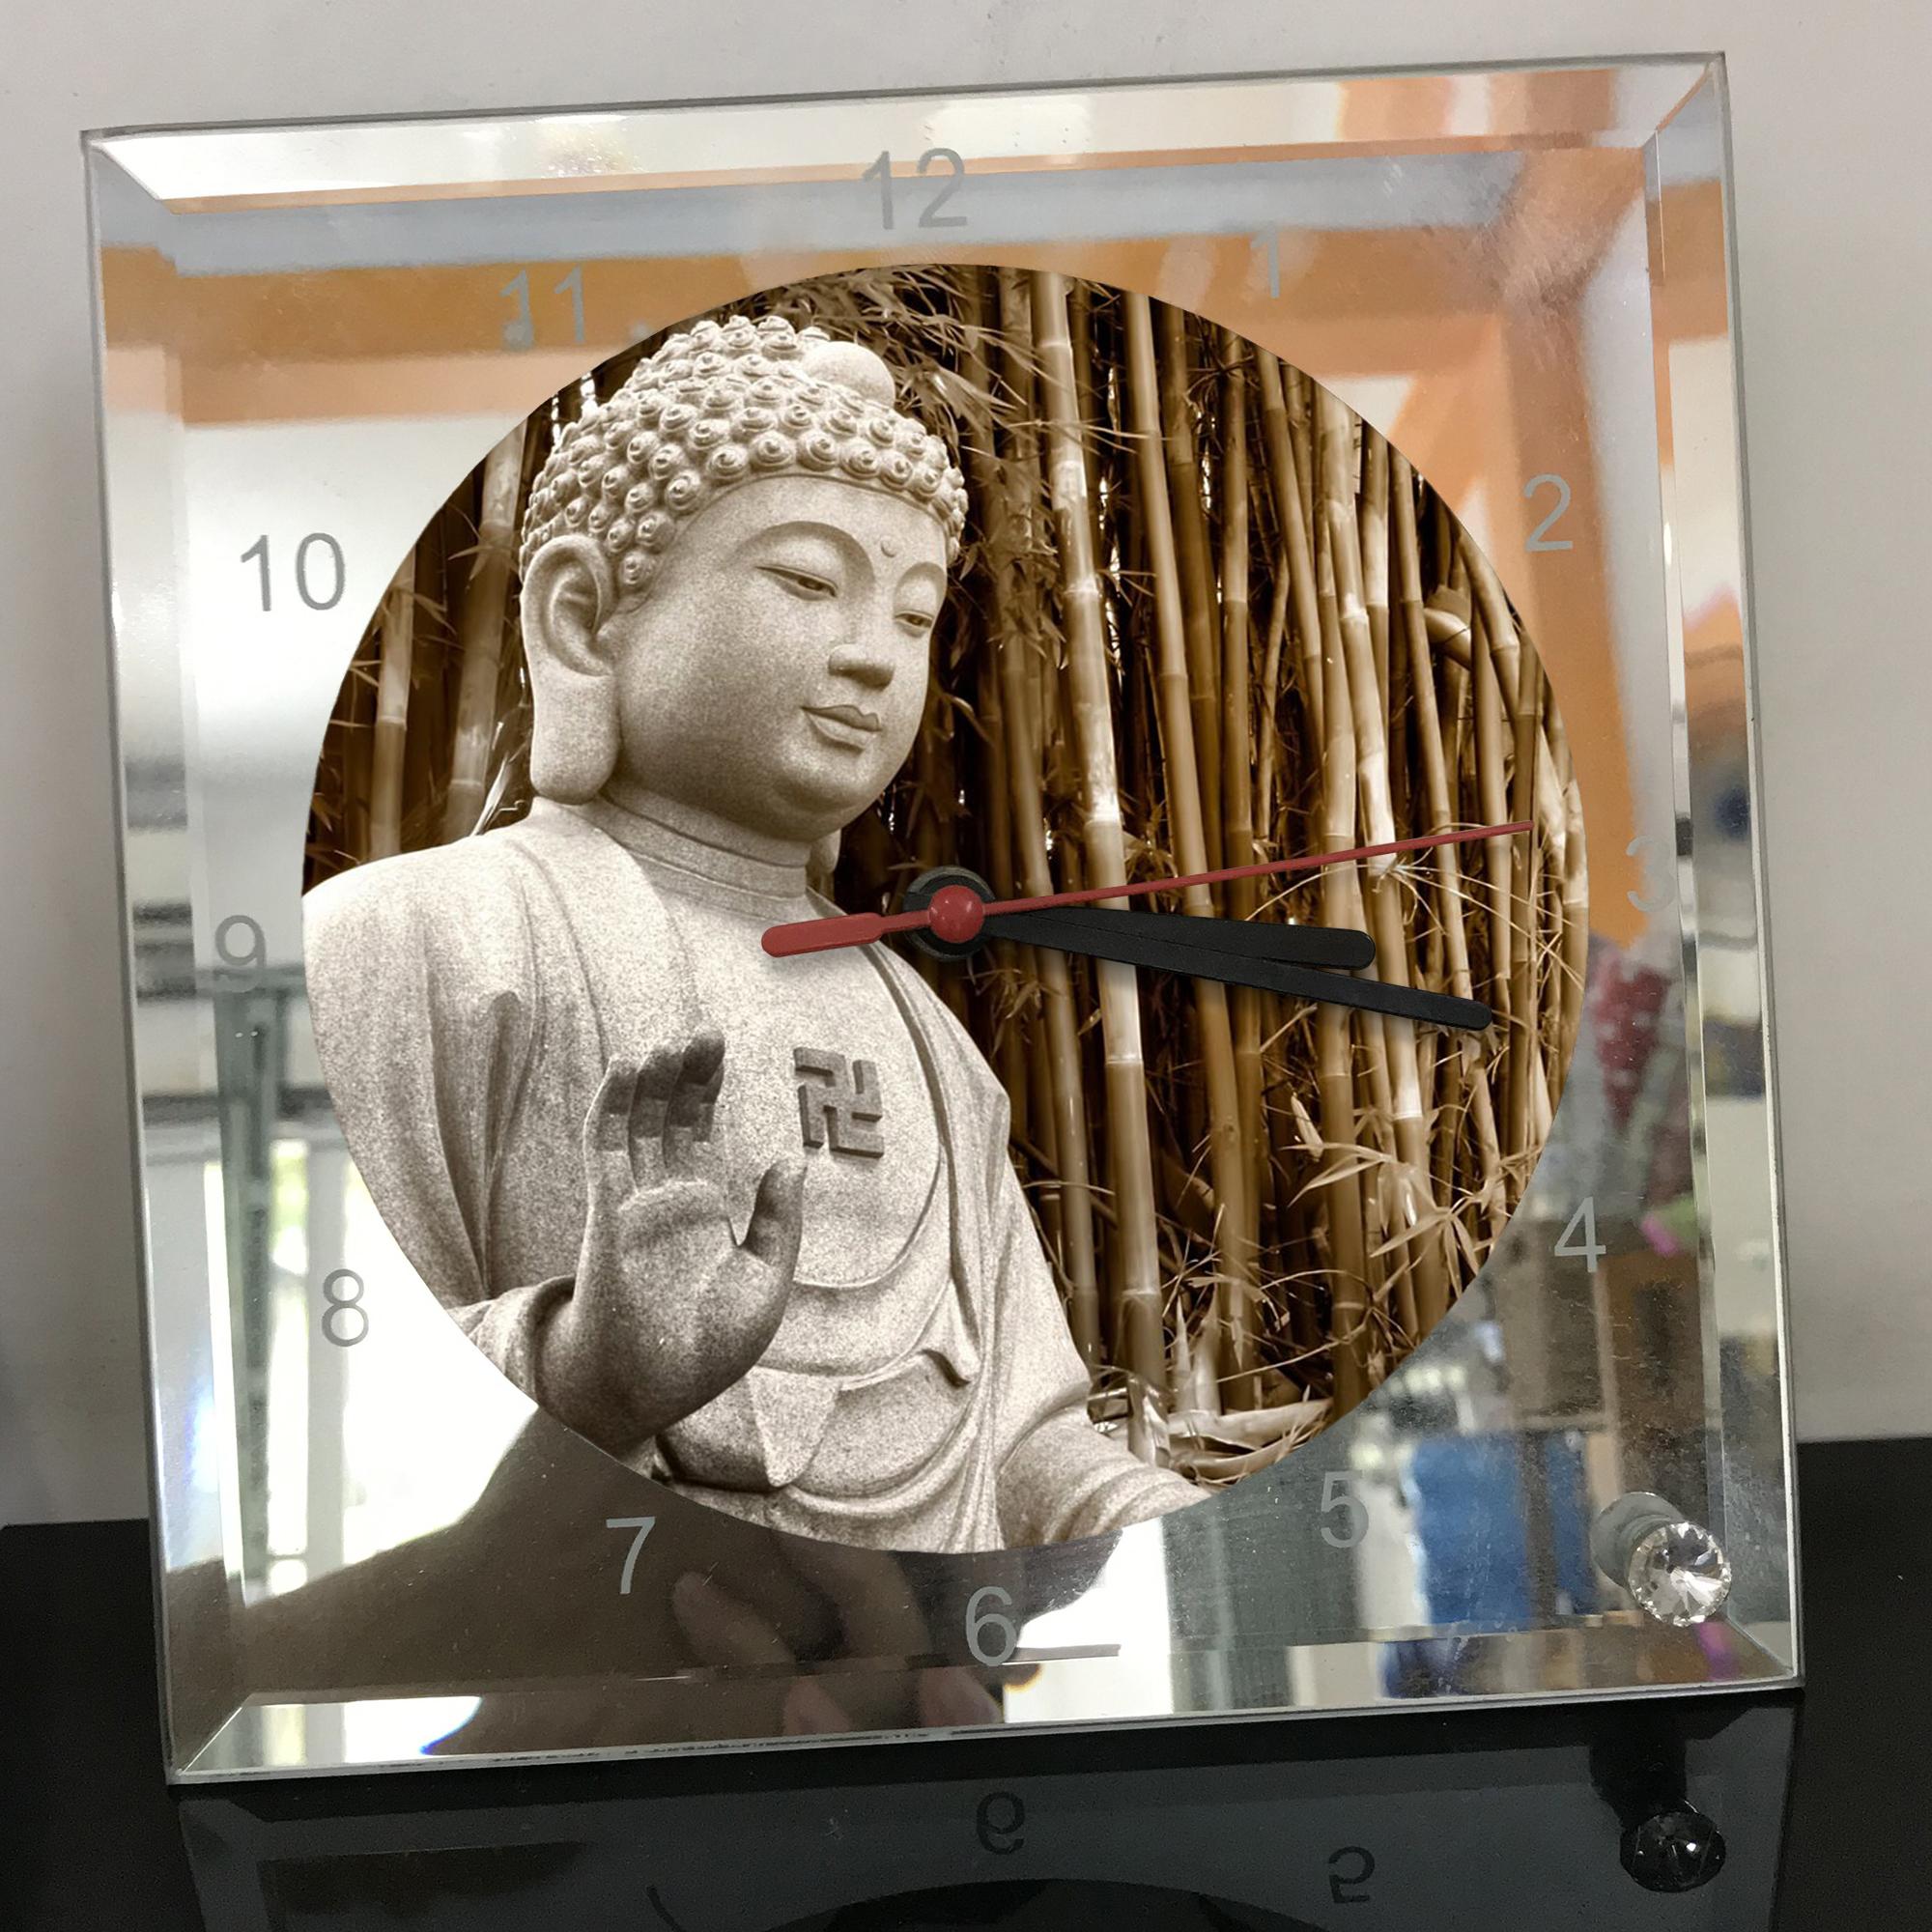 Đồng hồ thủy tinh vuông 20x20 in hình Buddhism - đạo phật (26) . Đồng hồ thủy tinh để bàn trang trí đẹp chủ đề tôn giáo